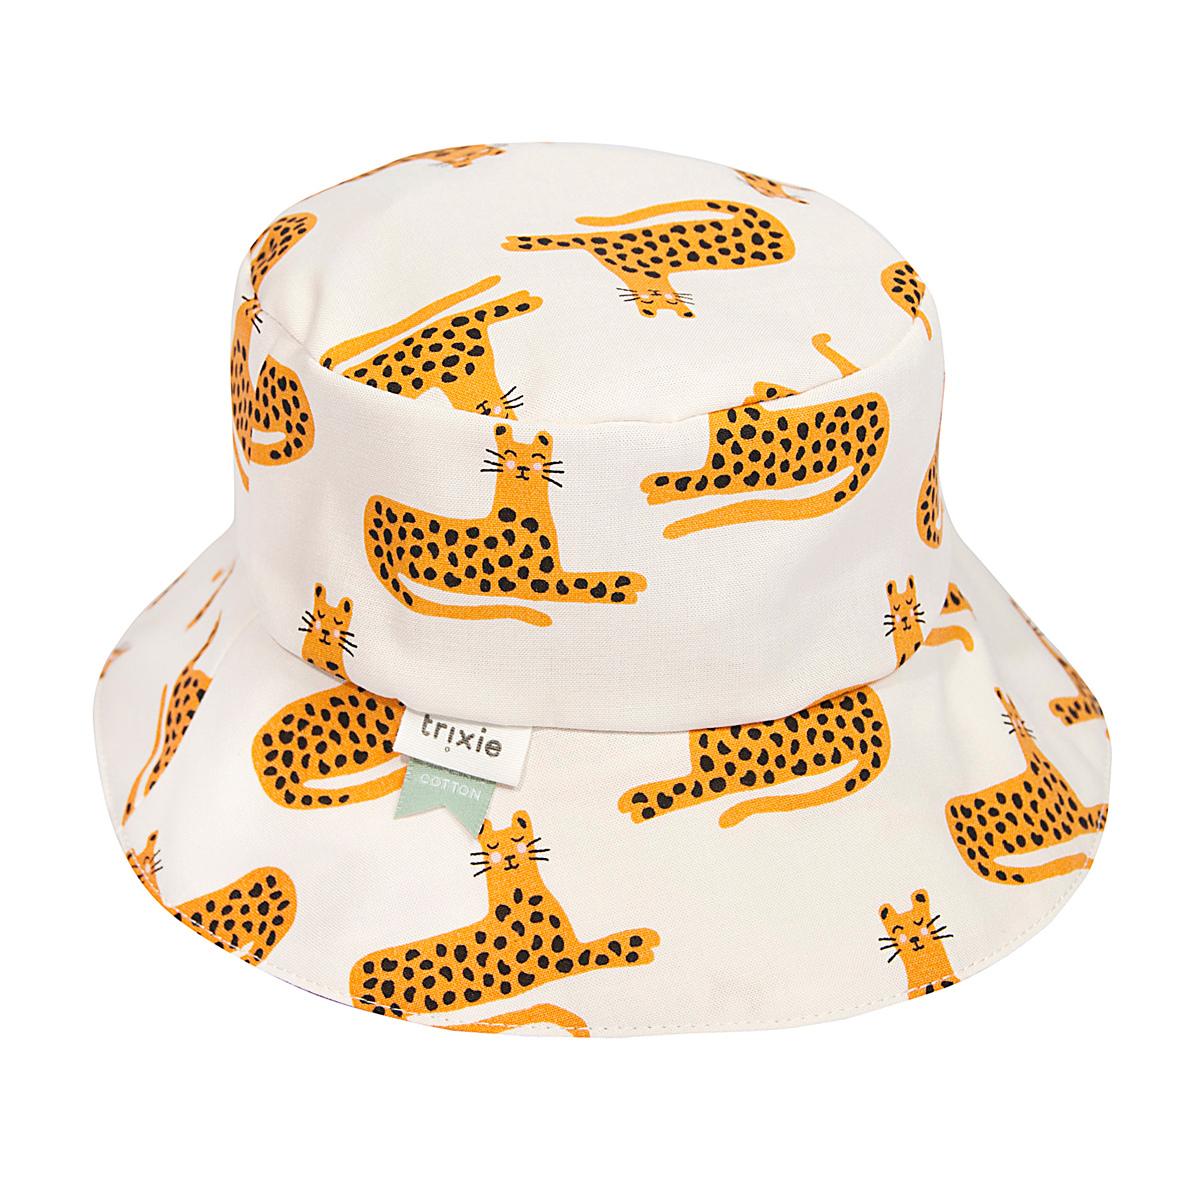 Accessoires bébé Chapeau de Soleil Cheetah - 3 Ans Chapeau de Soleil Cheetah - 3 Ans